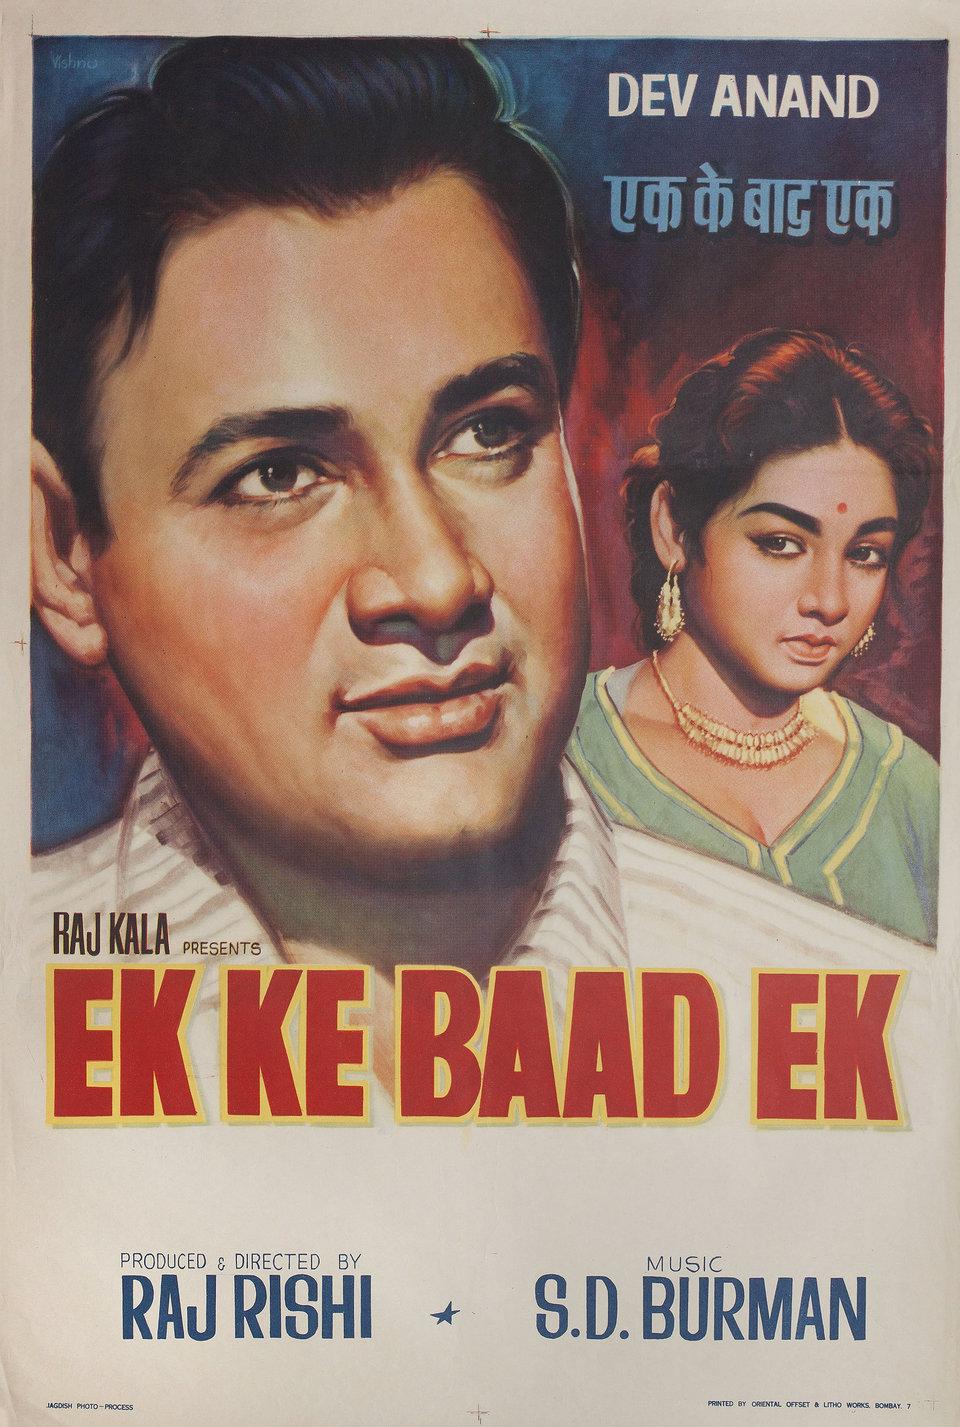 Ek Ke Baad Ek 1960 Indian Poster